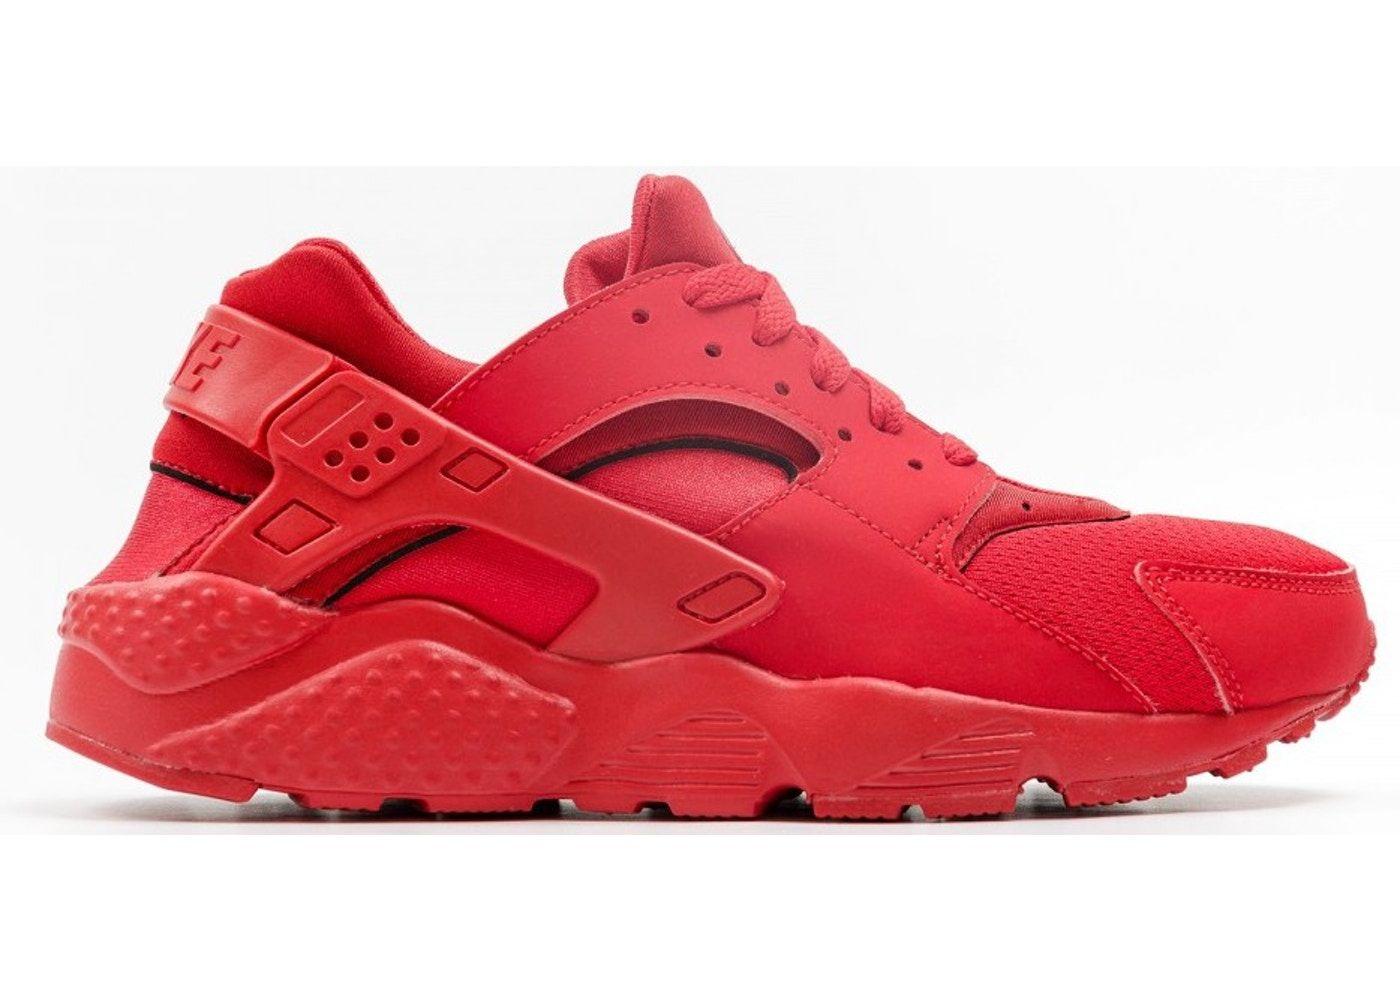 Nike Air Huarache Triple Red (GS) in 2020 | Huaraches, Air ...